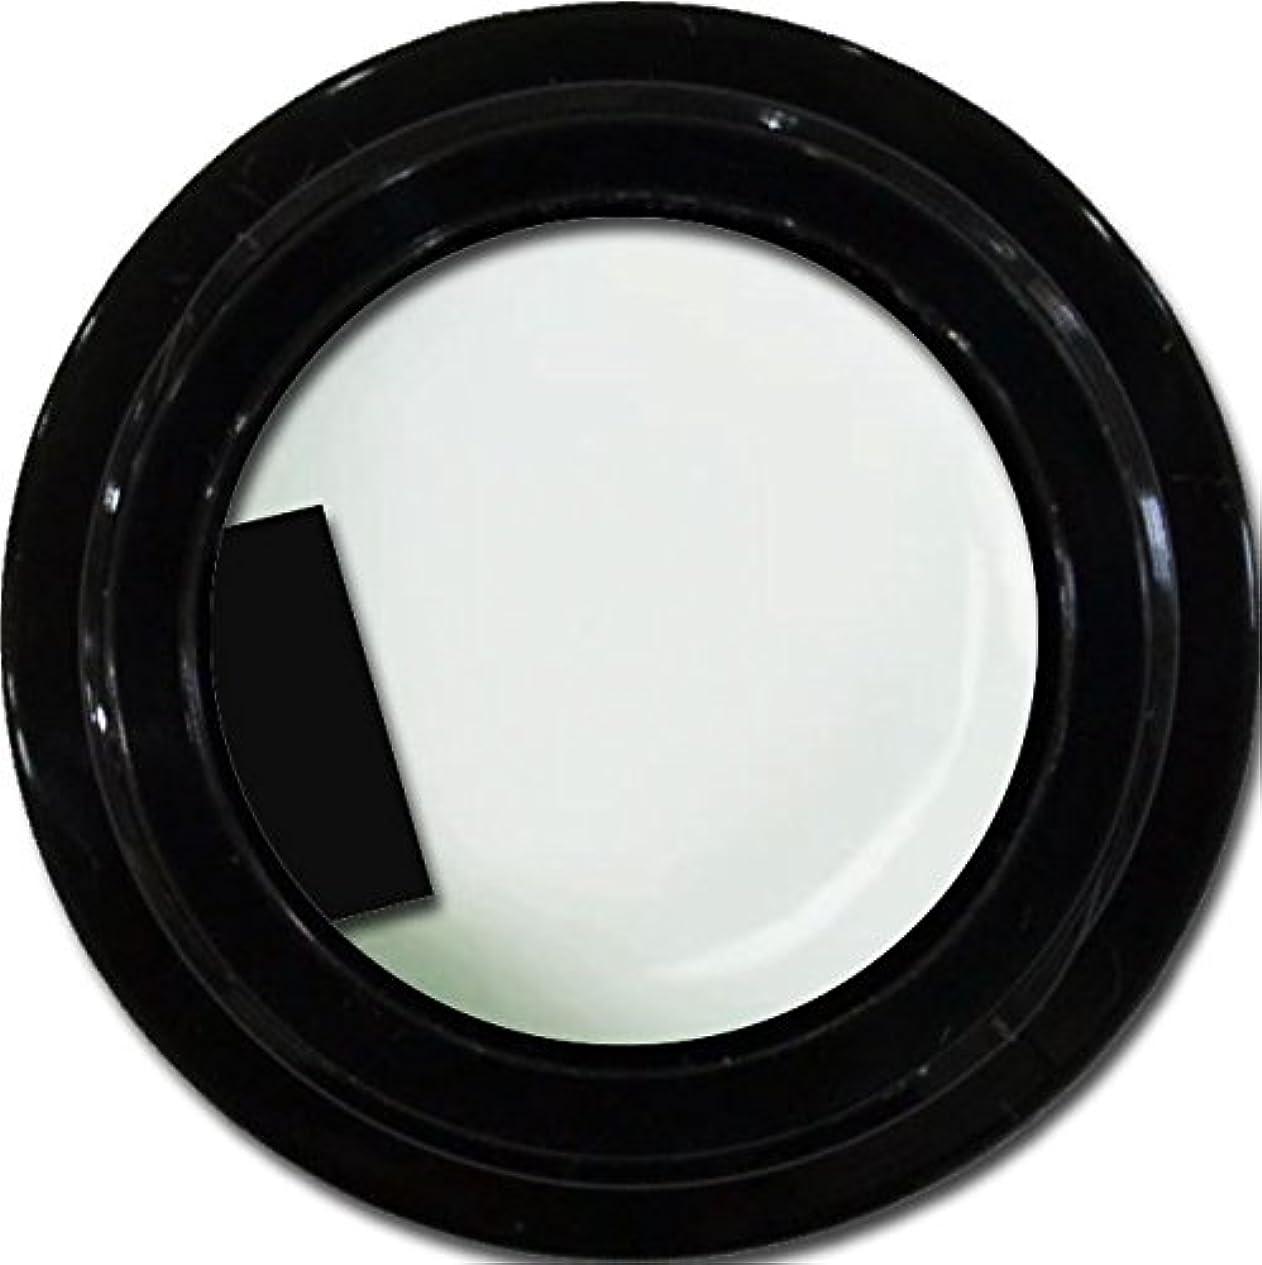 体現する取り出すサンプルカラージェル enchant gel color gel S001 sheer White 3g/ エンチャントジェル カラージェル S001シアーホワイト 3グラム